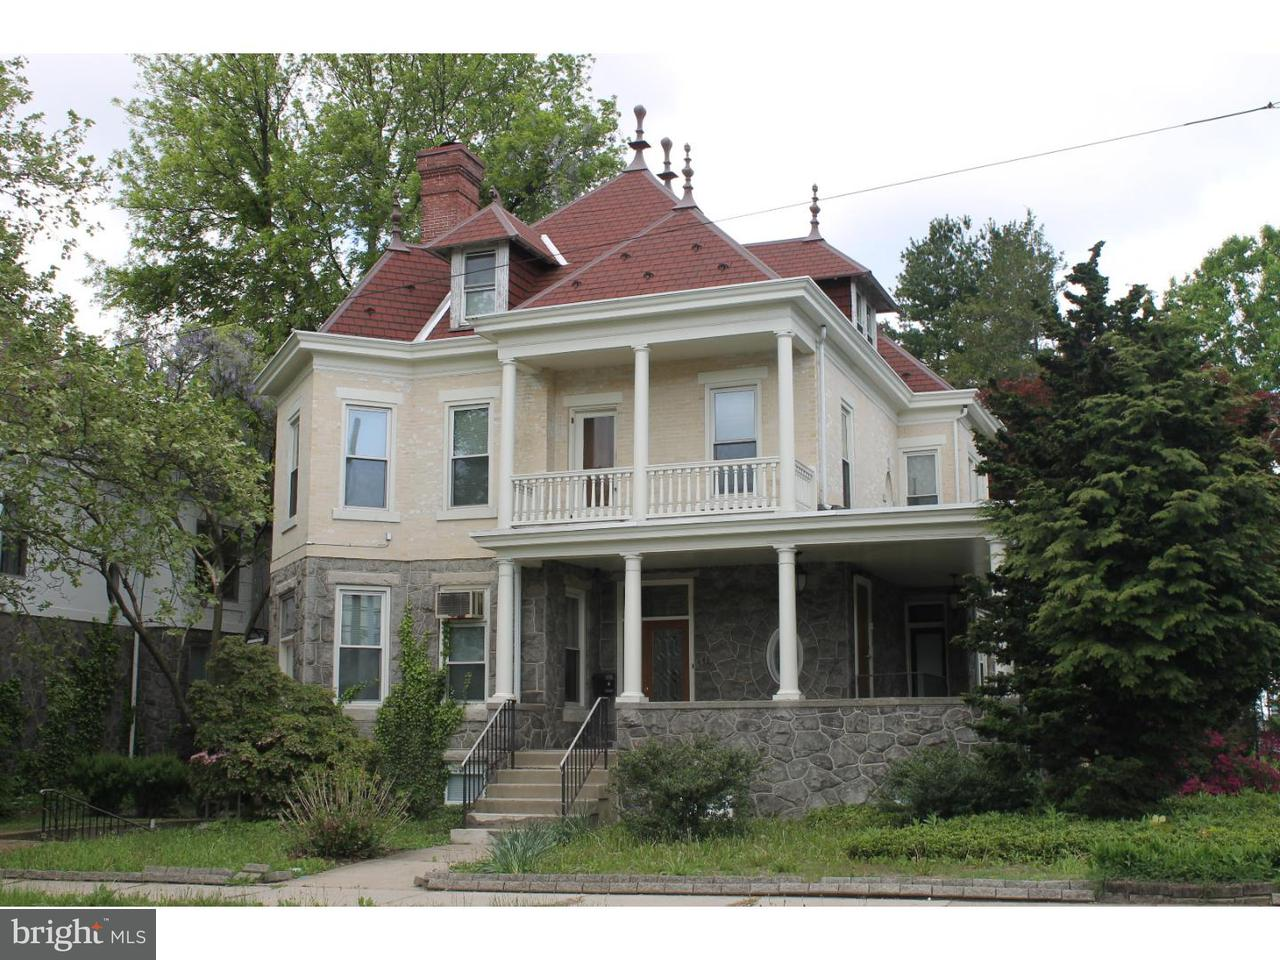 Casa Unifamiliar por un Alquiler en 44 N 15TH ST #2B Allentown, Pennsylvania 18102 Estados Unidos